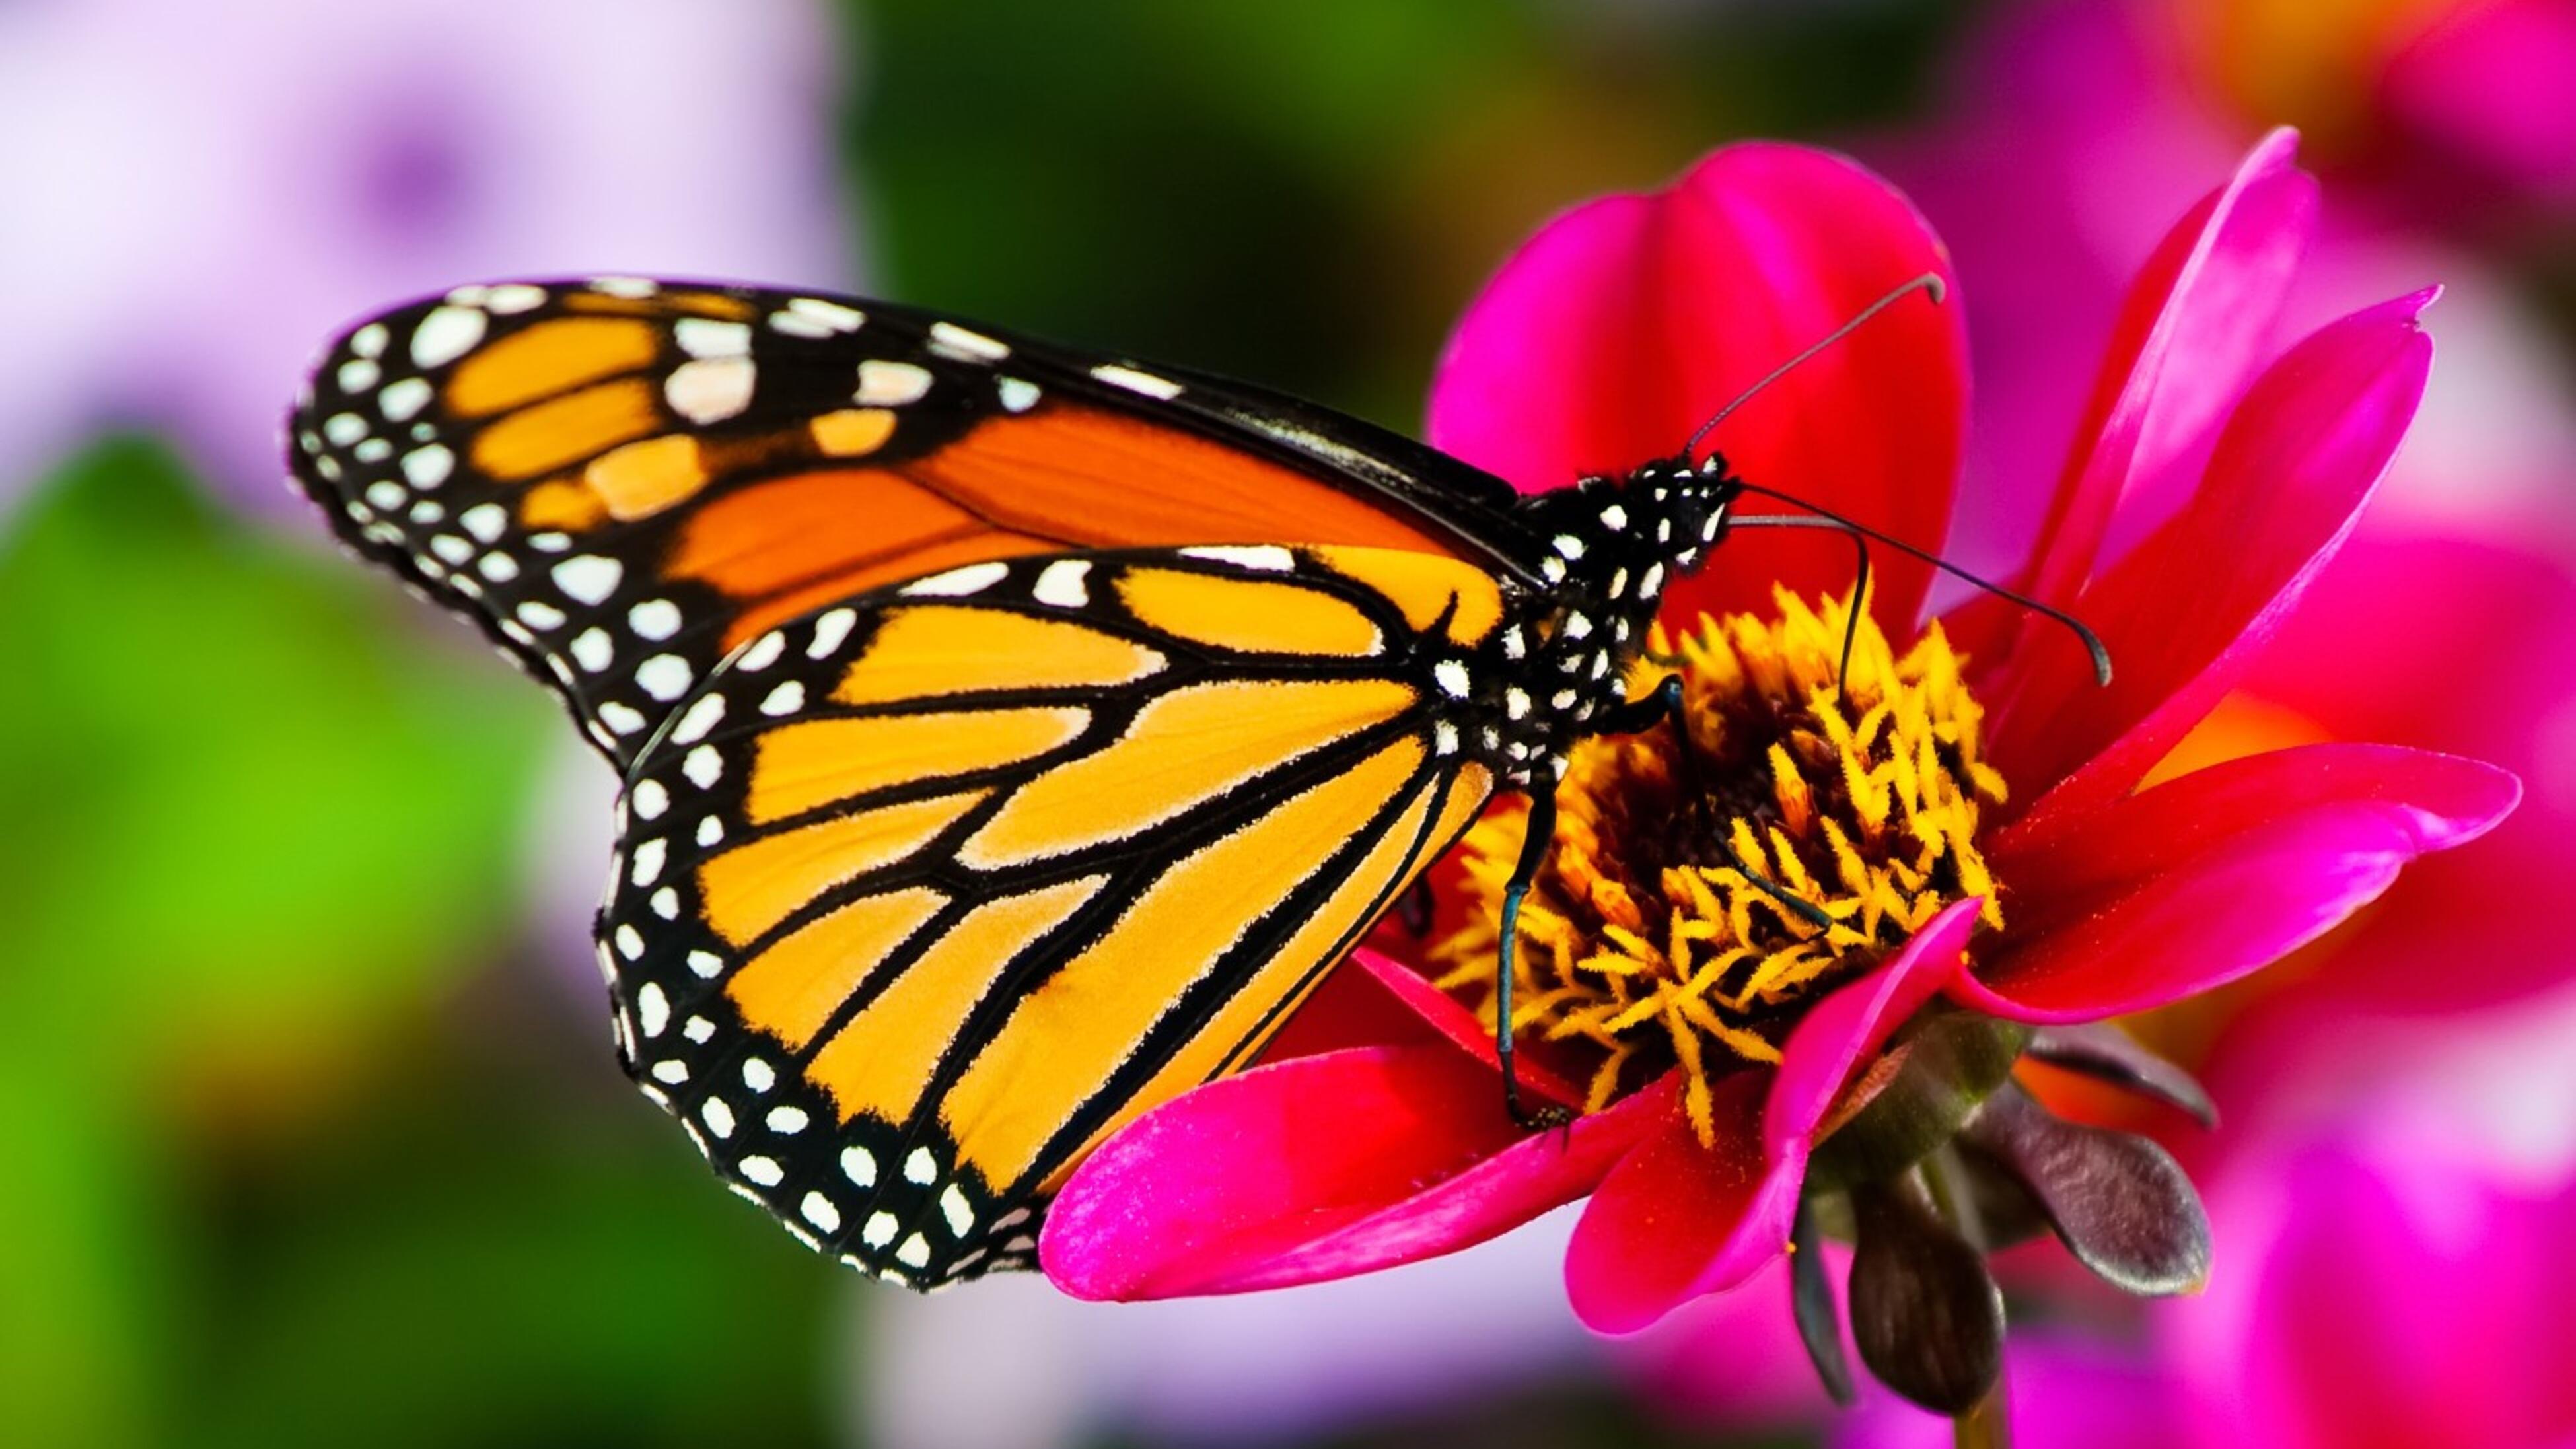 Butterfly landing on a flower.